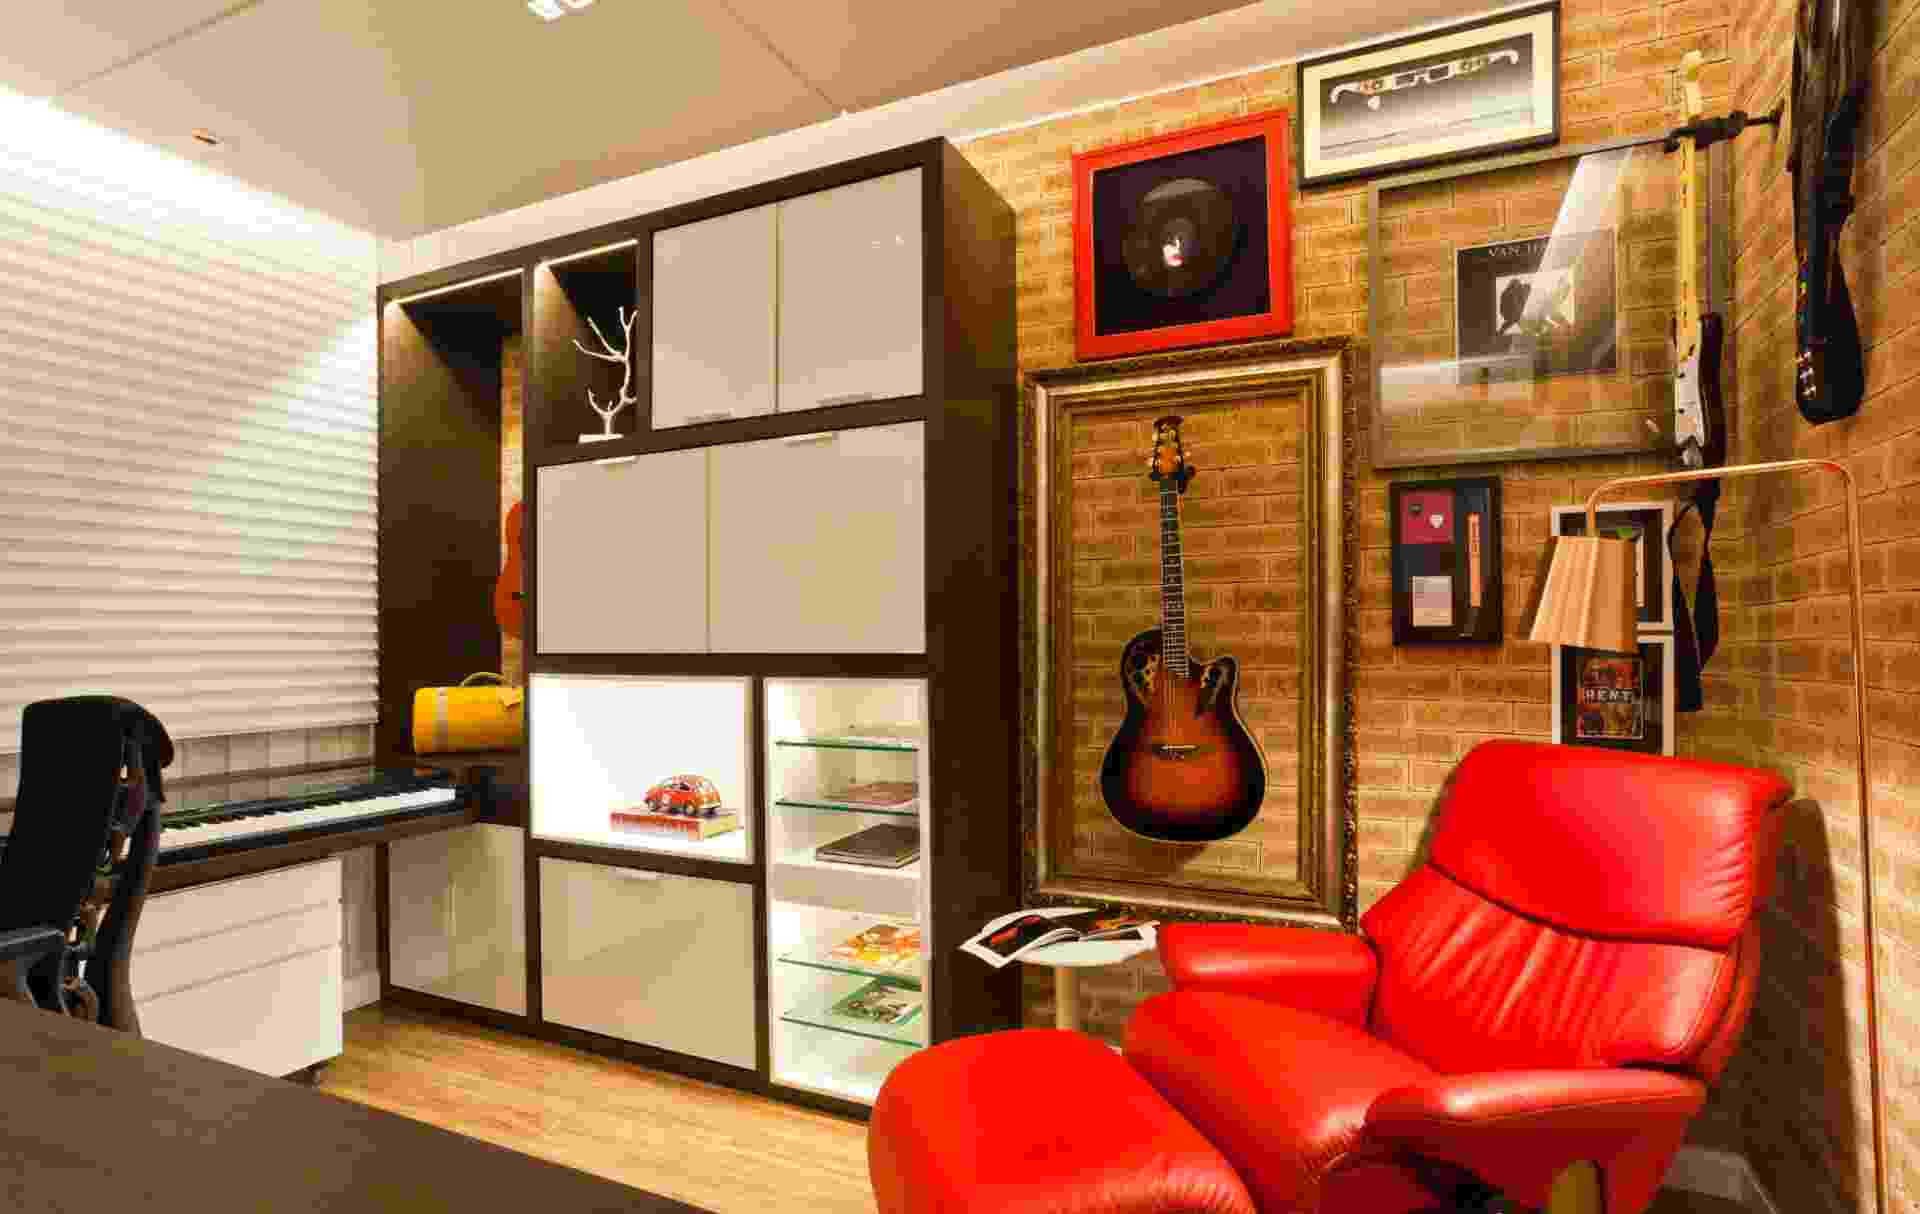 Com 11 m², o estúdio faz parte do apartamento de um fã de rock; acomoda mesa, duas guitarras e teclado em móvel retrátil, com gaveta deslizante e tampo de vidro. No projeto de Juliana Pippi, o ambiente multifuncional proporciona ao proprietário toda a infraestrutura para estudar, trabalhar e ensaiar - Divulgação